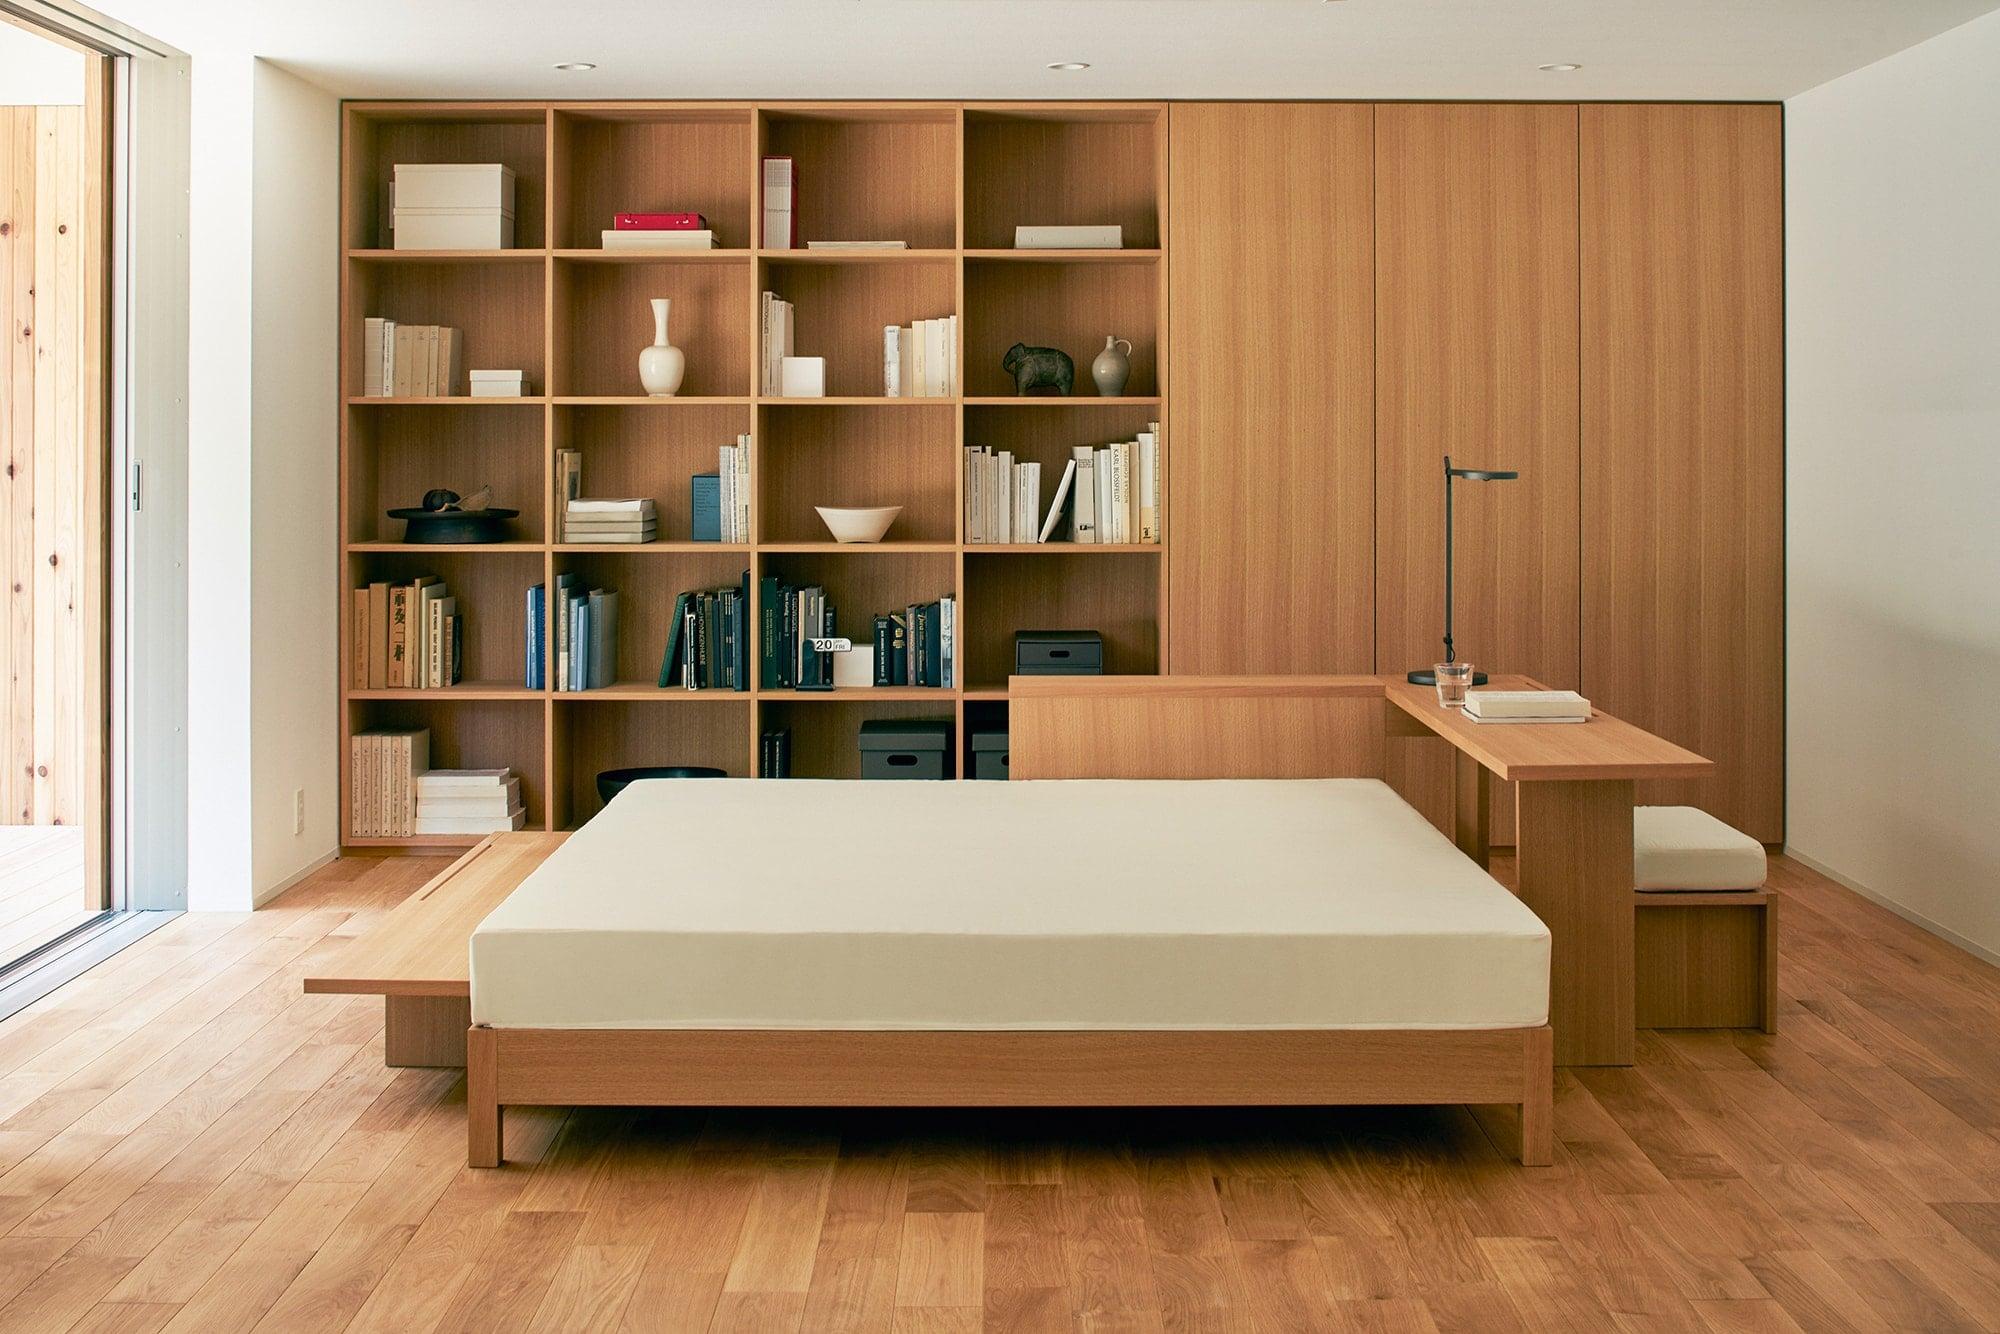 寝室には可動式の間仕切りや壁面収納などを自由にプランニングできる。